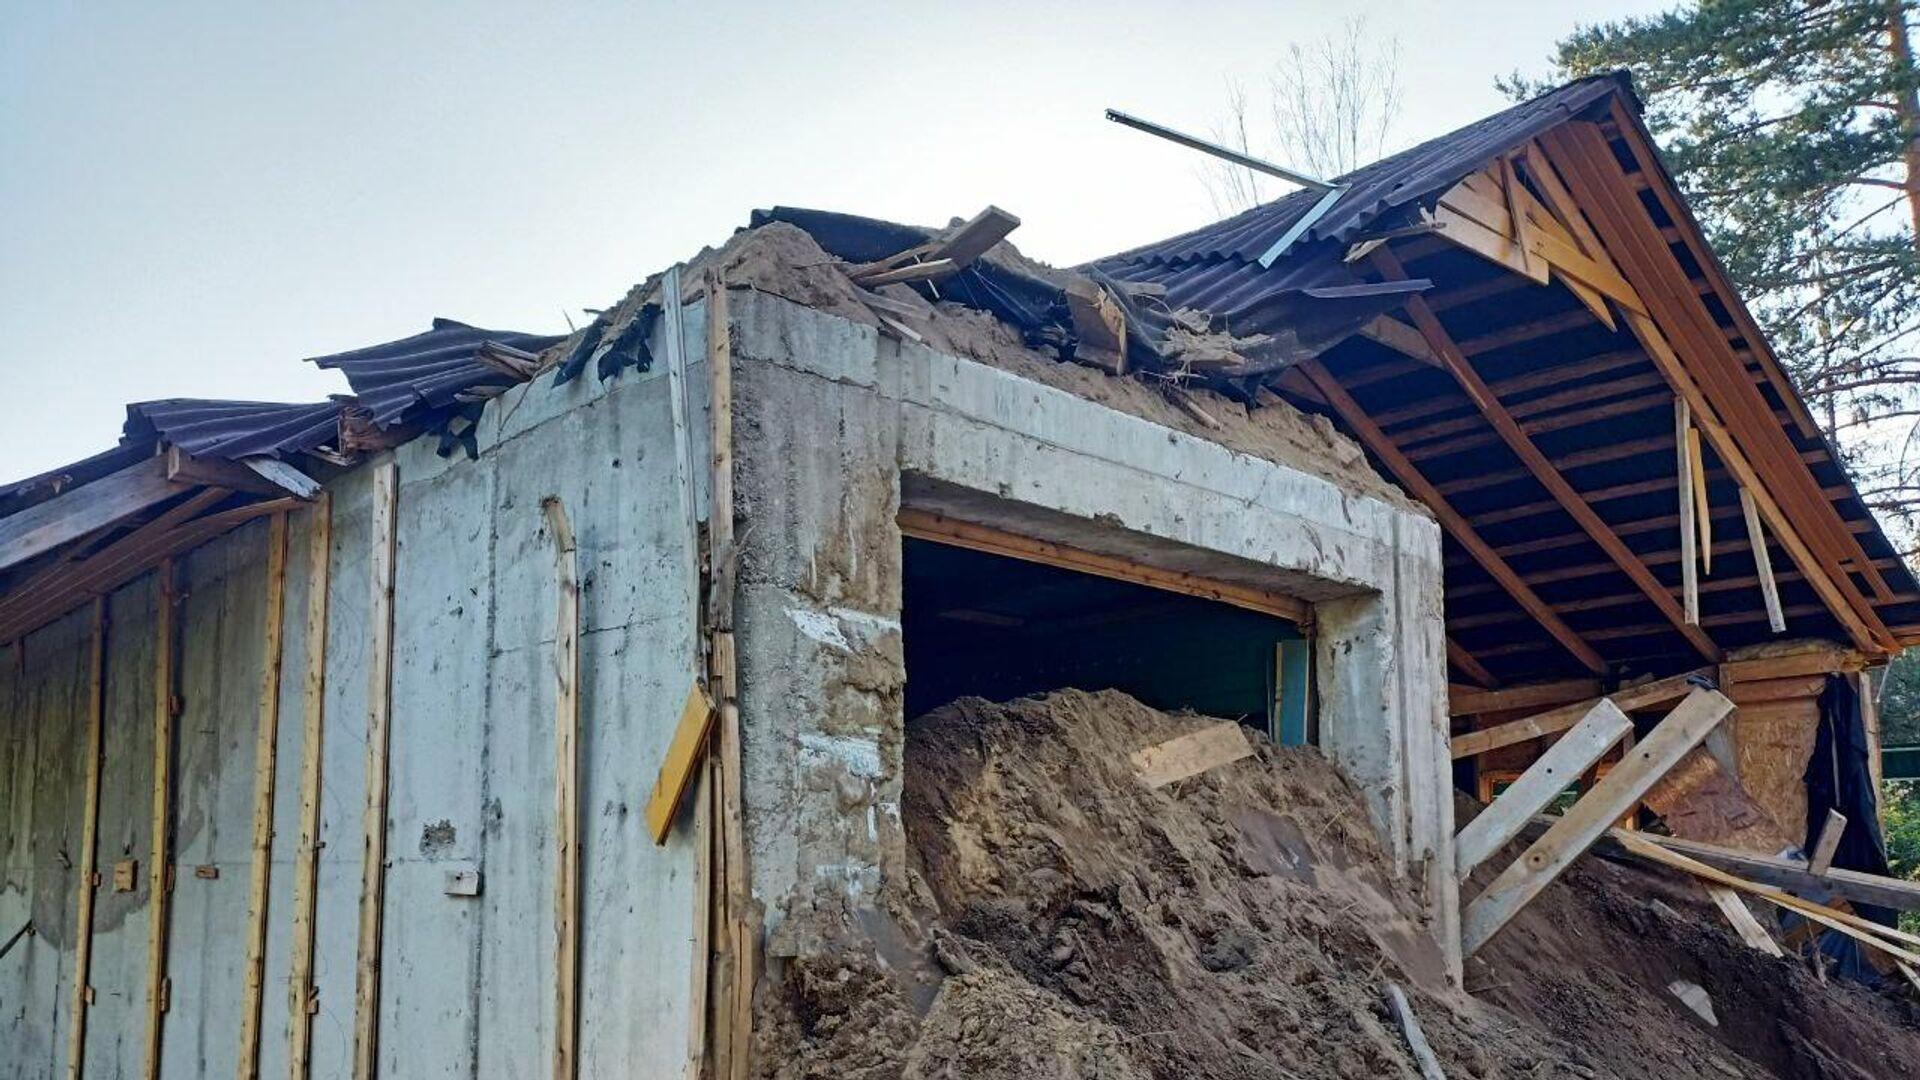 Остатки строений на участке, где была найдена заброшенная частная тюрьма в коттеджном поселке Новый Петербург - РИА Новости, 1920, 21.07.2021